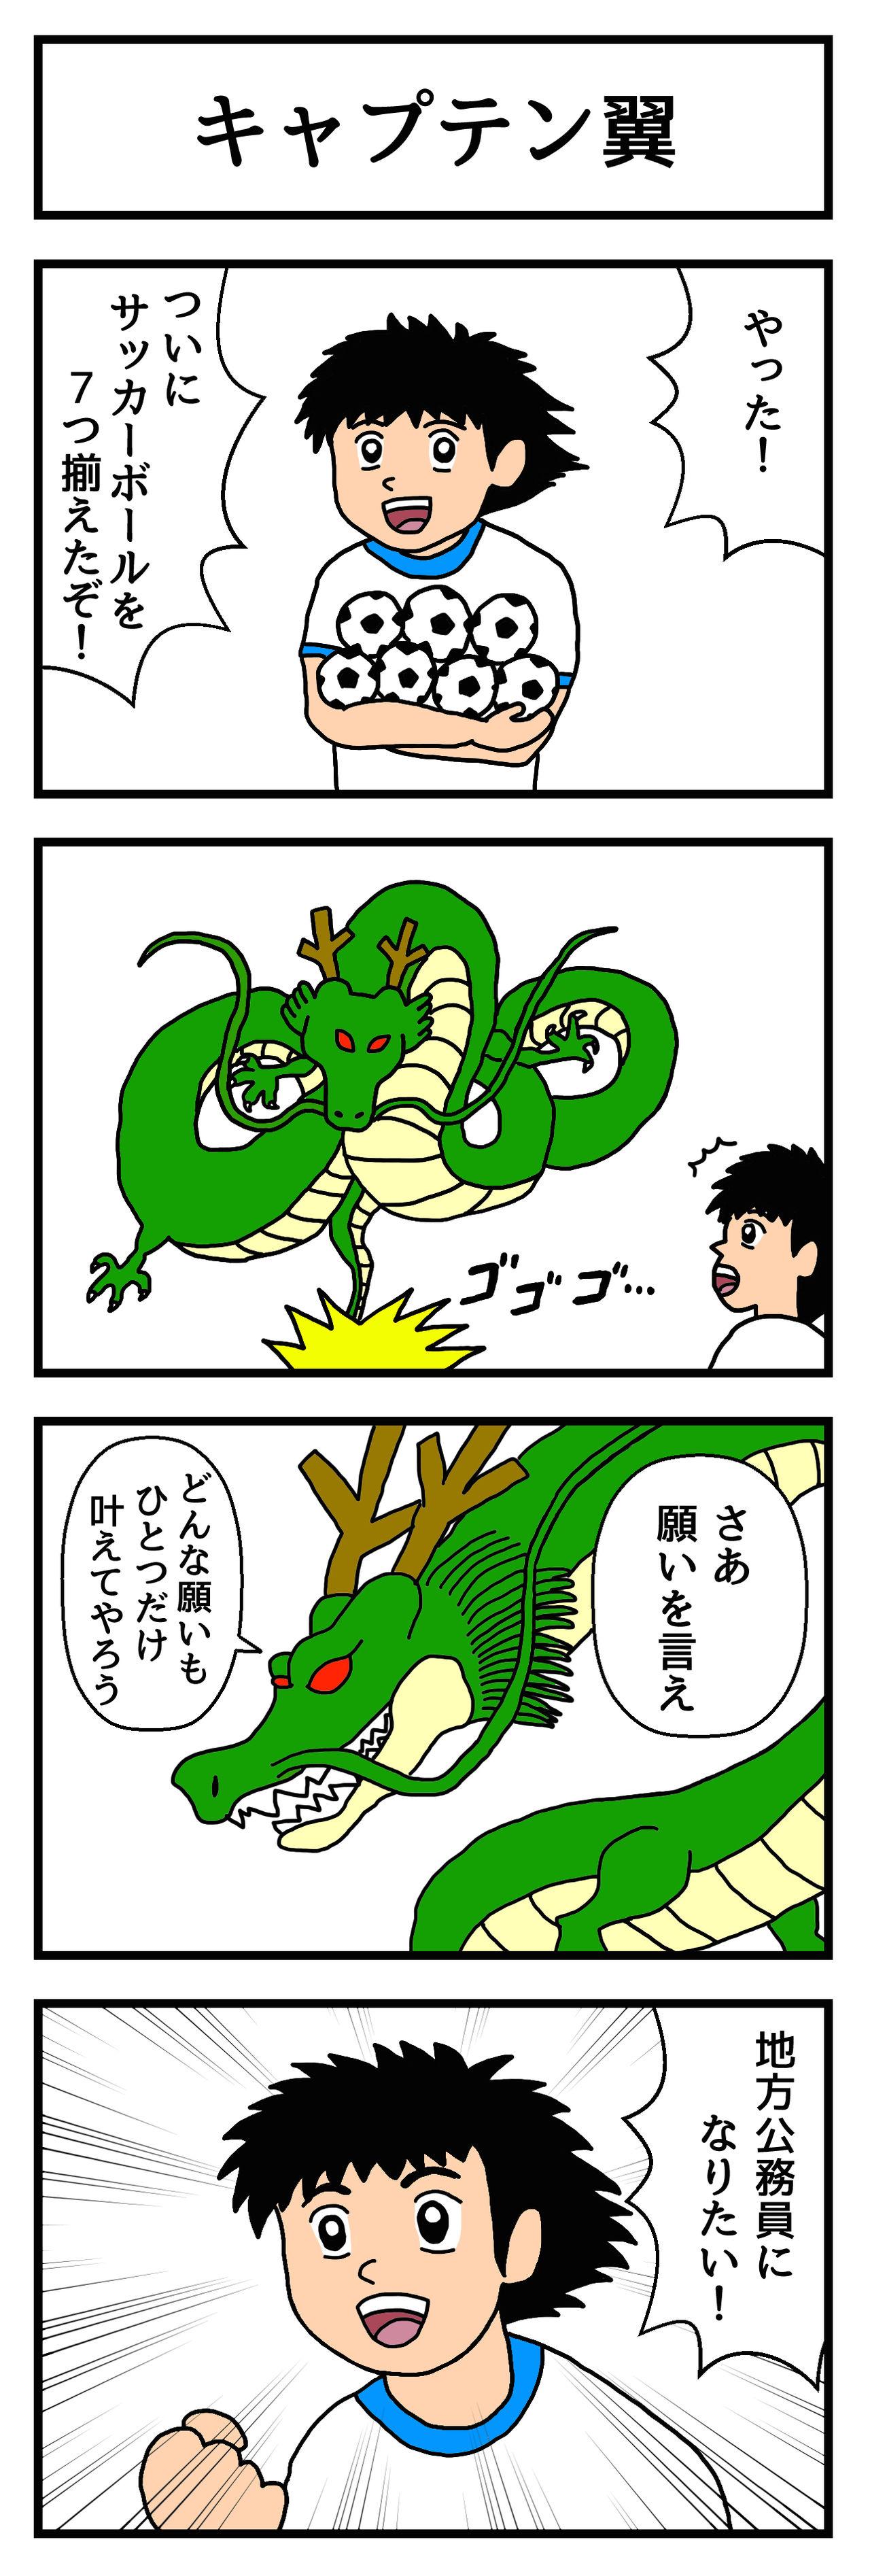 キャプテン (漫画)の画像 p1_22